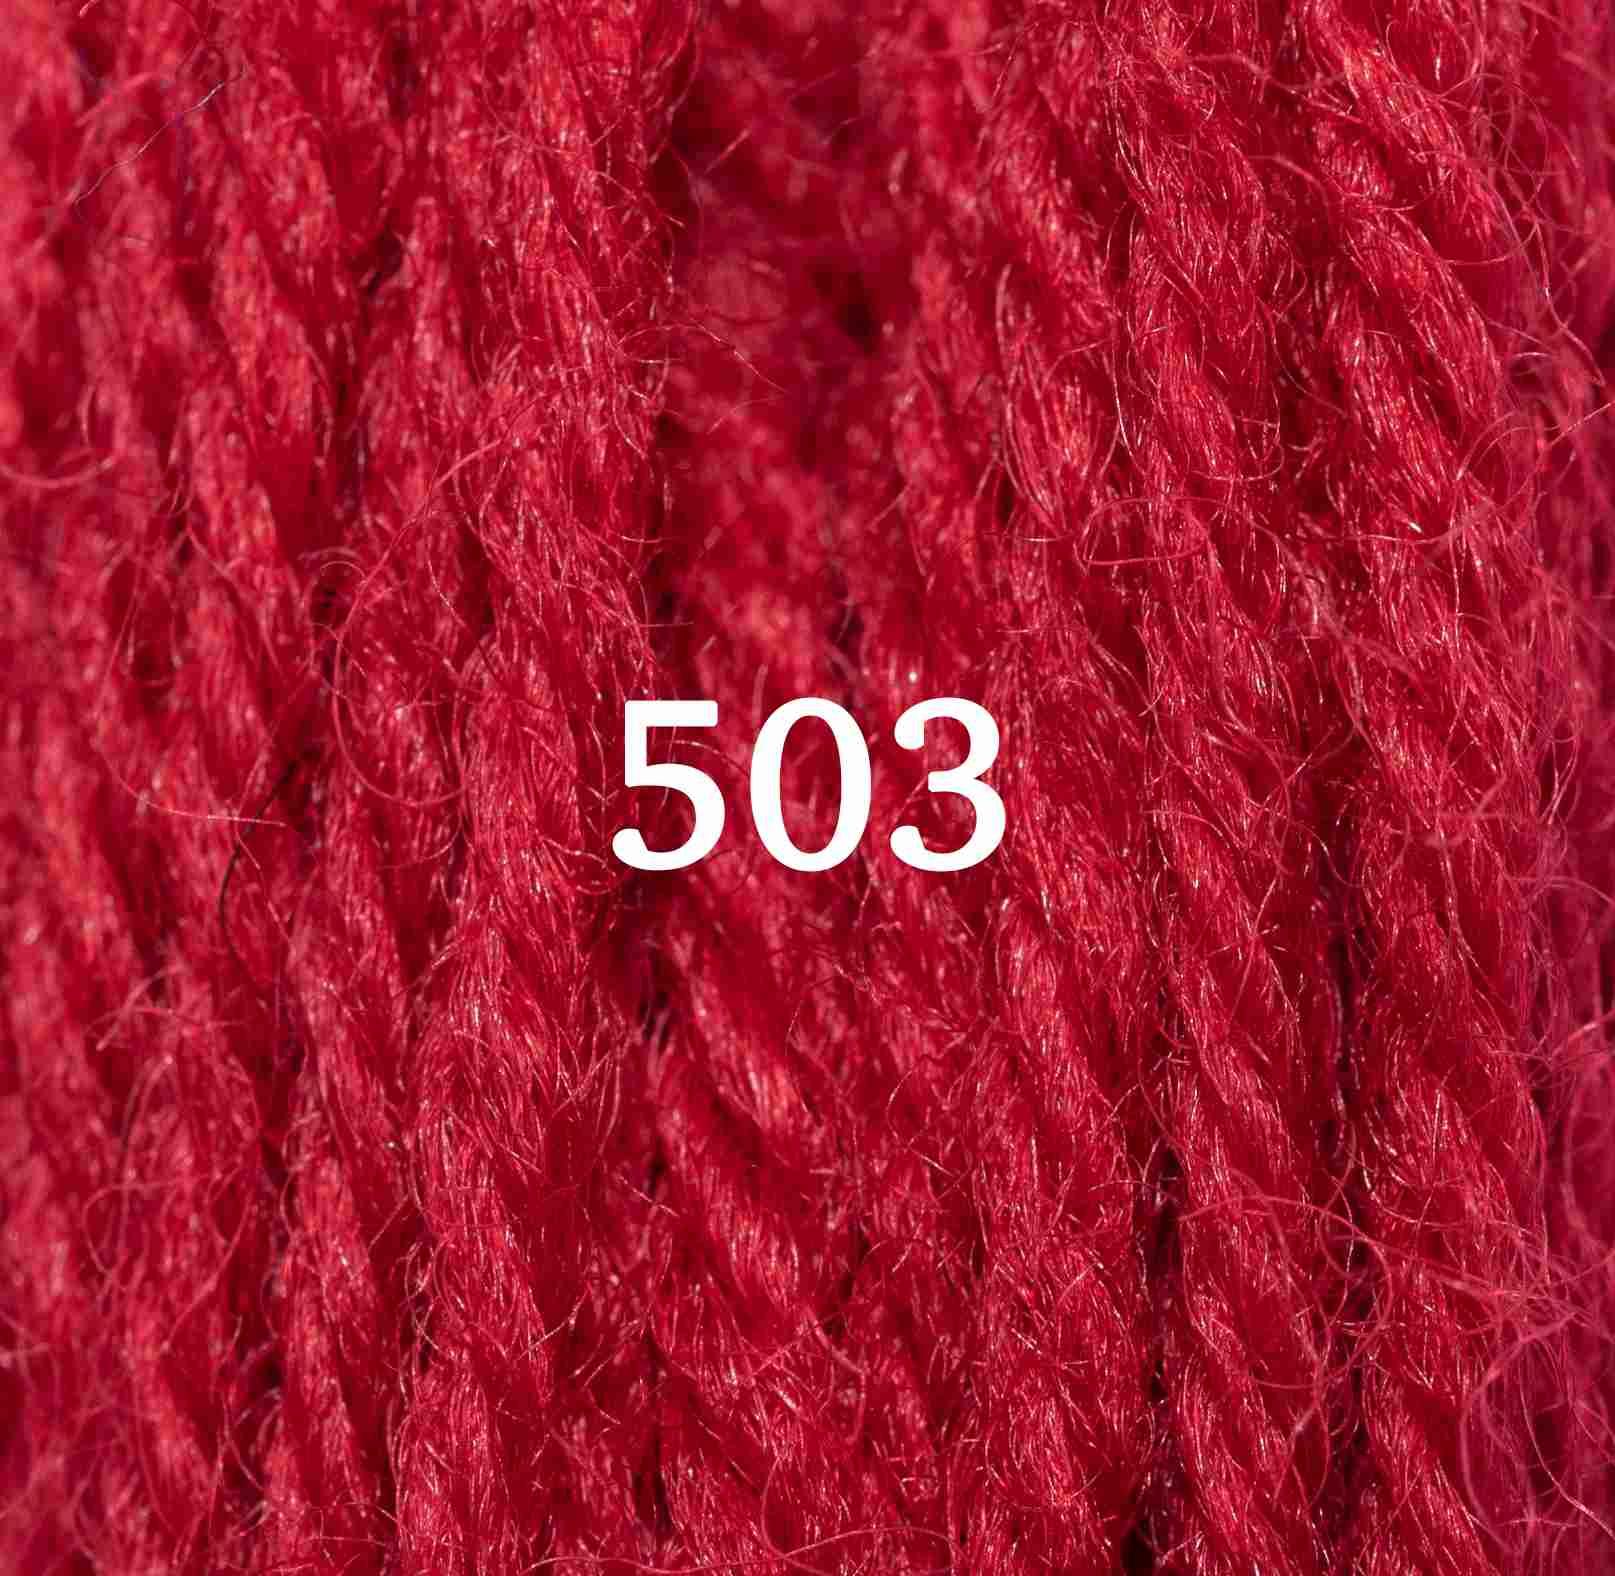 Scarlet-503